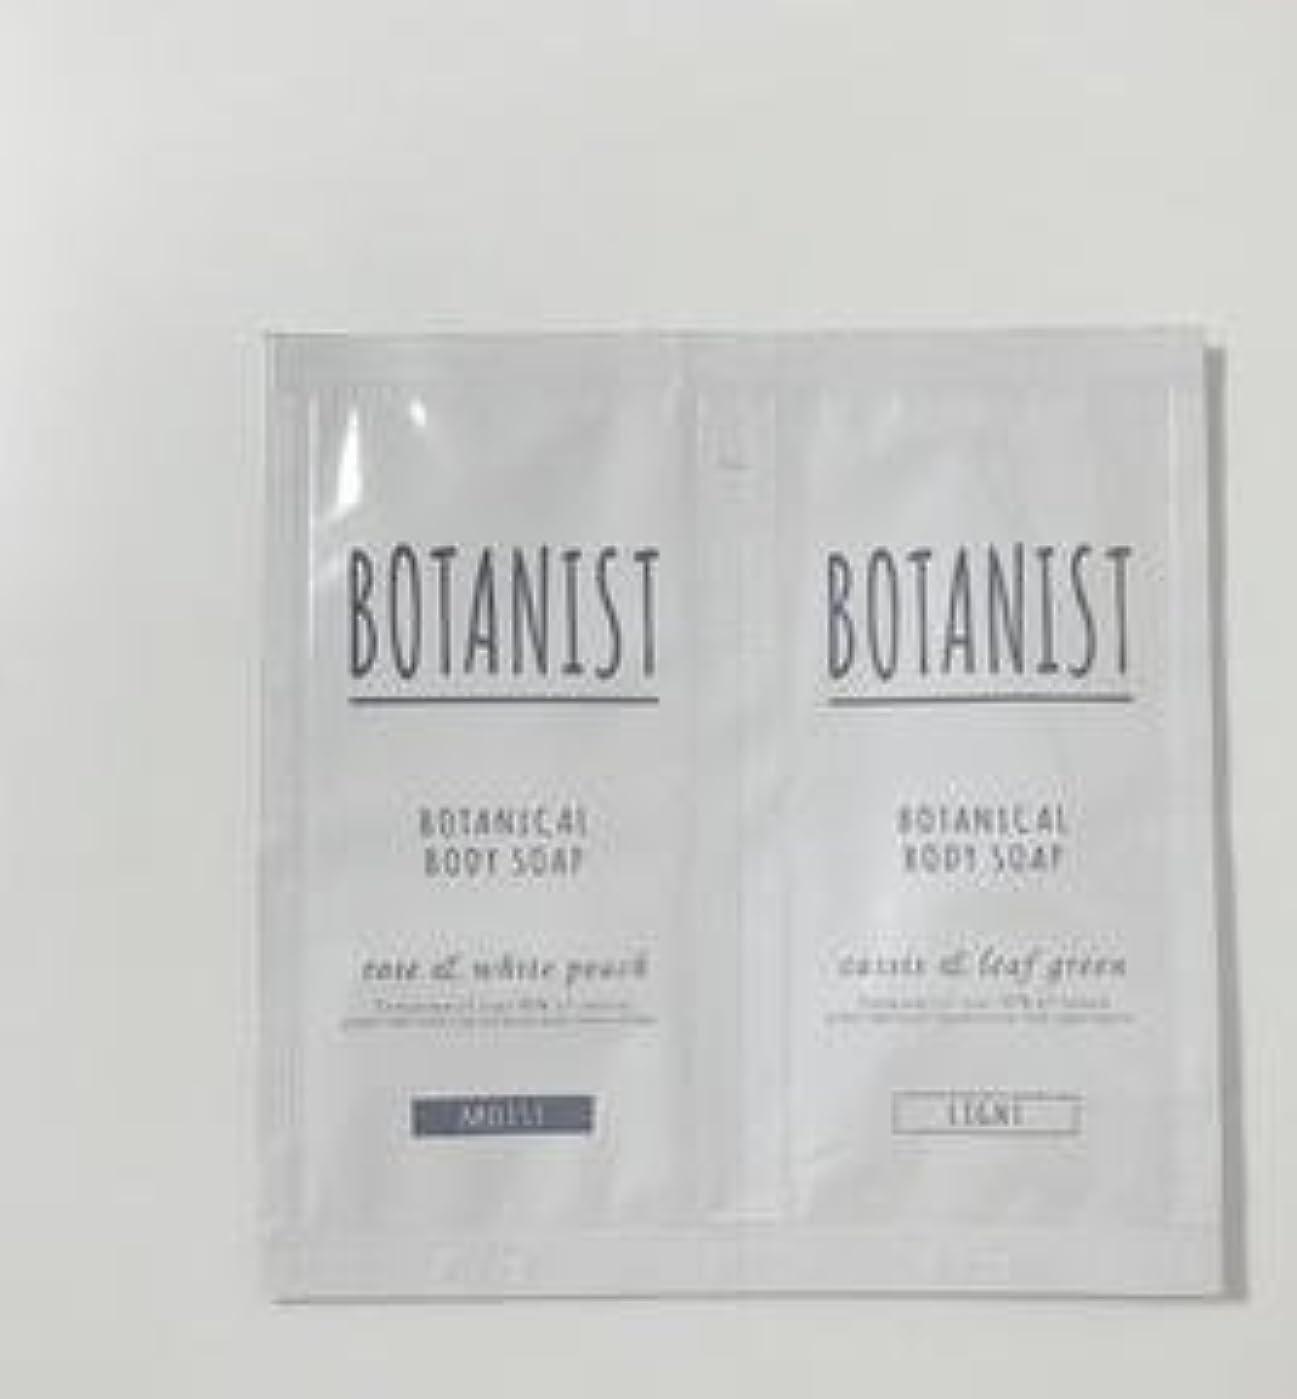 テロ飾る魅惑するBOTANIST ボタニカル ボディーソープ ライト&モイスト トライアルセット 8ml×2 (ライト&モイスト, 1個)